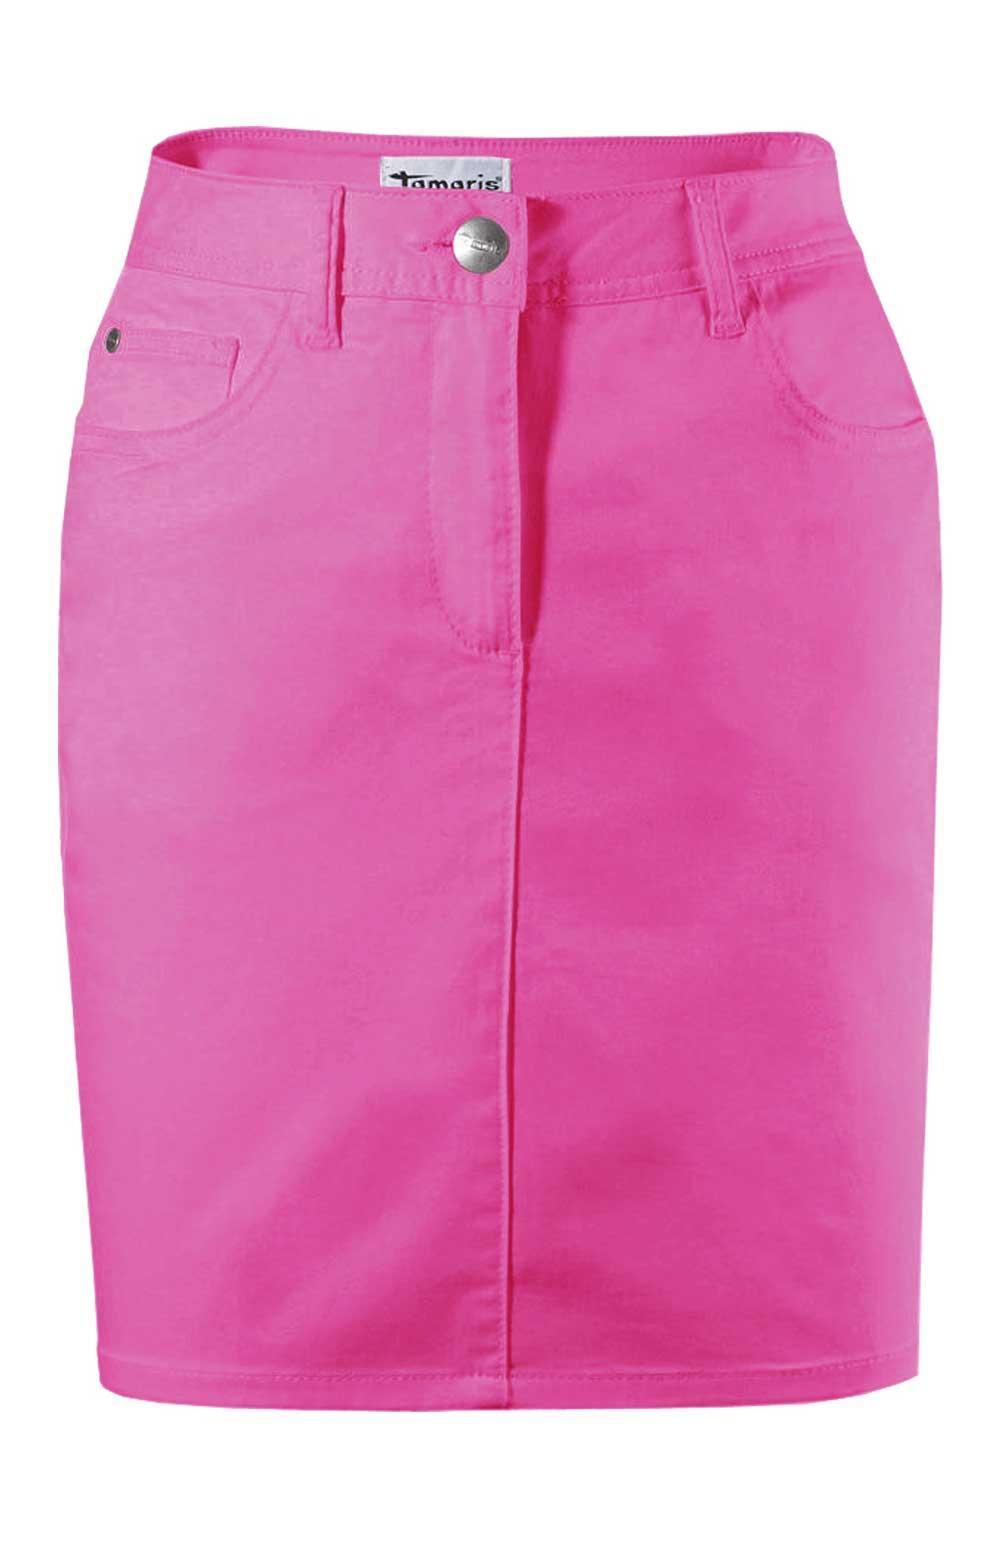 Marken Jeansrock Pink Rcke Outlet Mode Shop